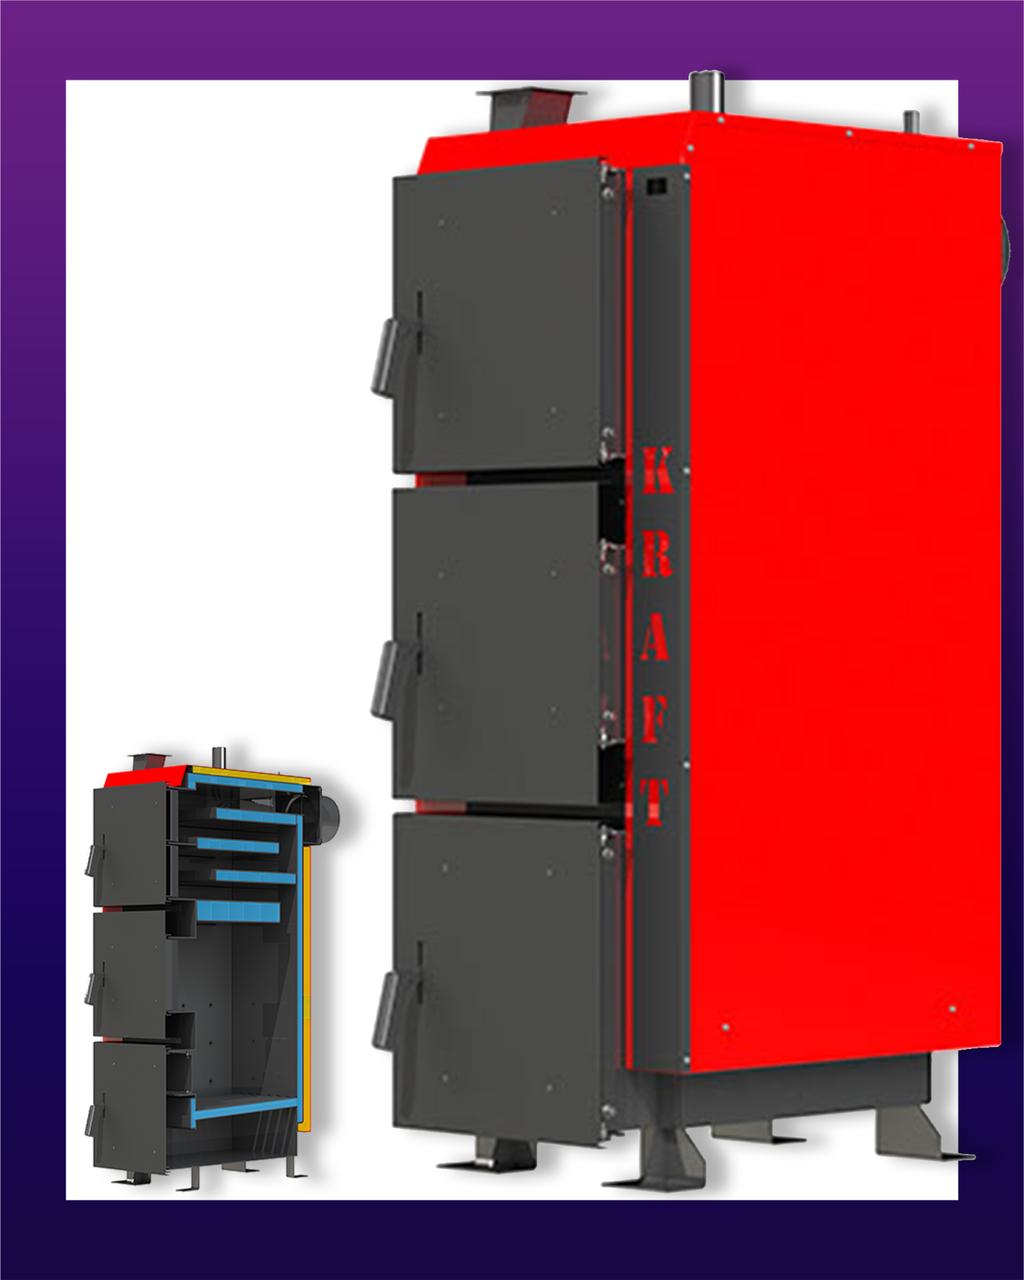 Котел тривалого горіння KRAFT L 97 кВт з автоматикою